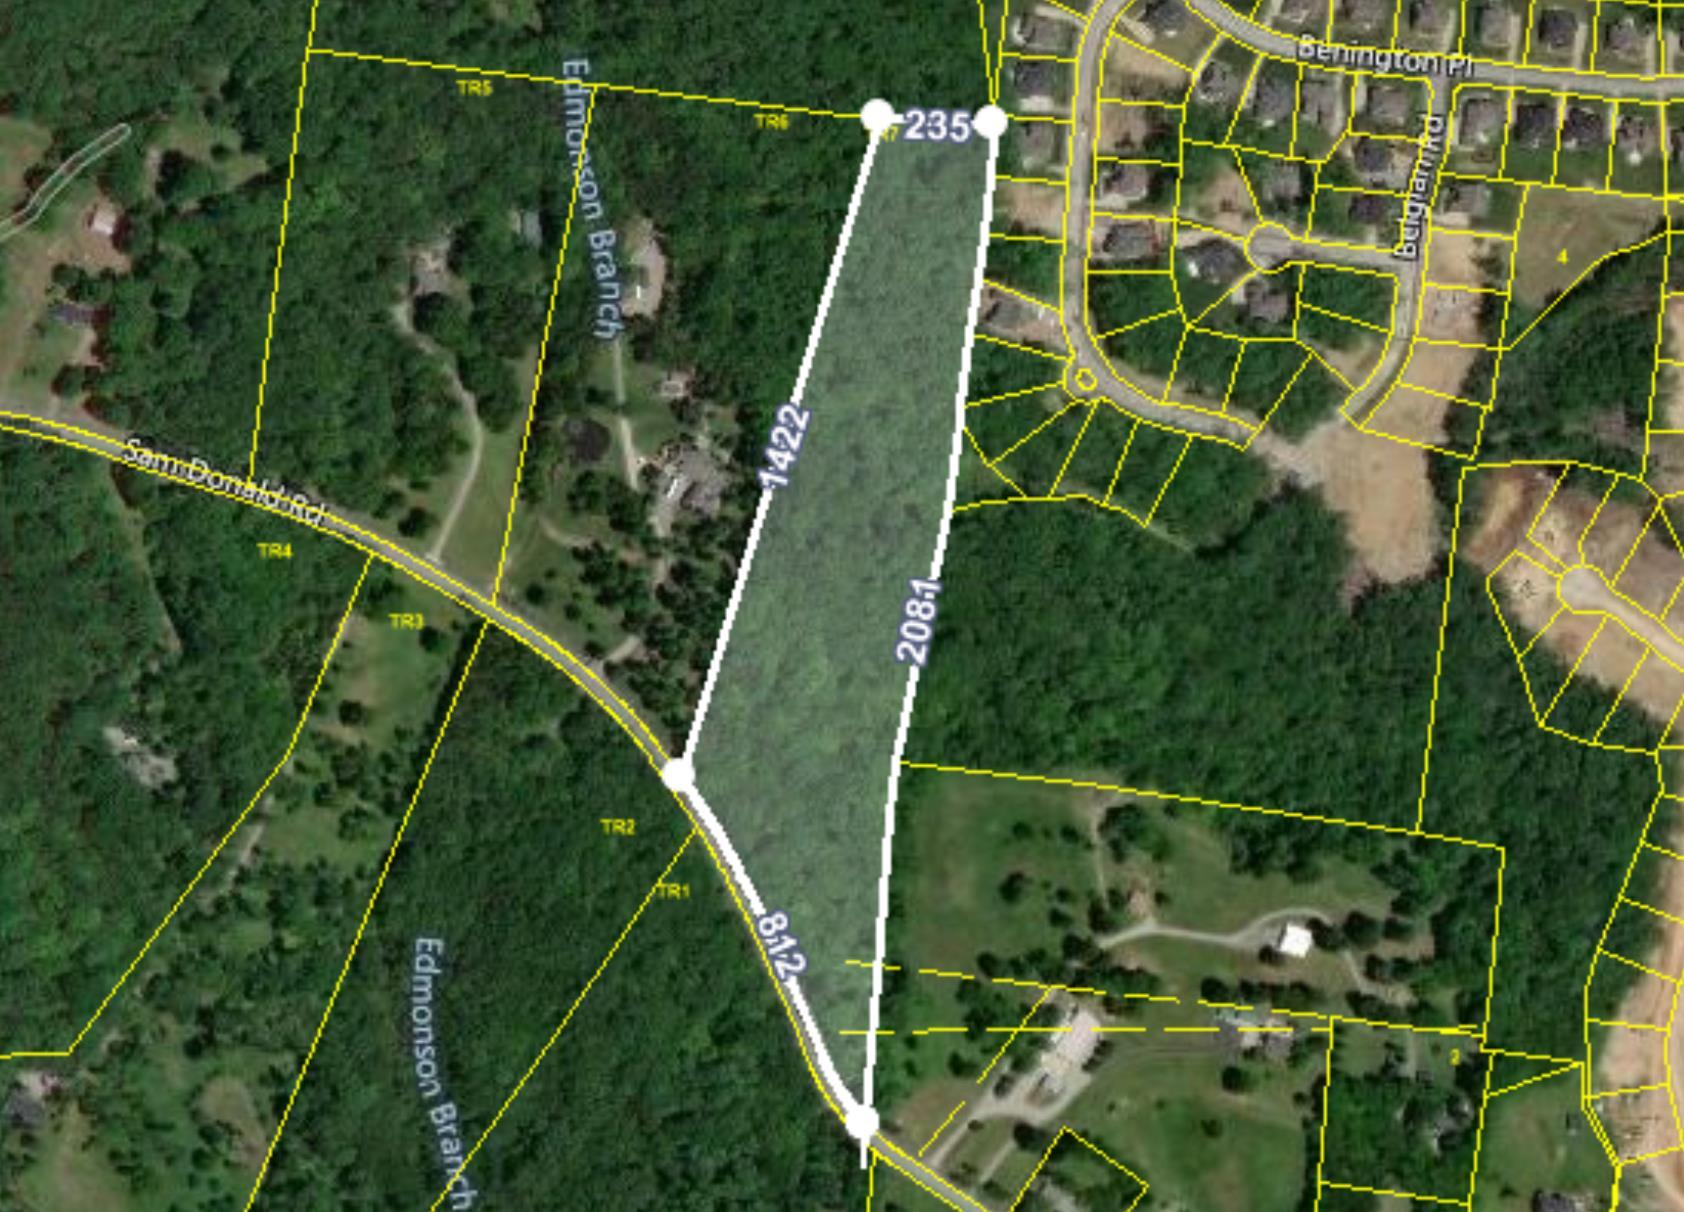 9820 Sam Donald Rd, Nolensville, TN 37135 - Nolensville, TN real estate listing